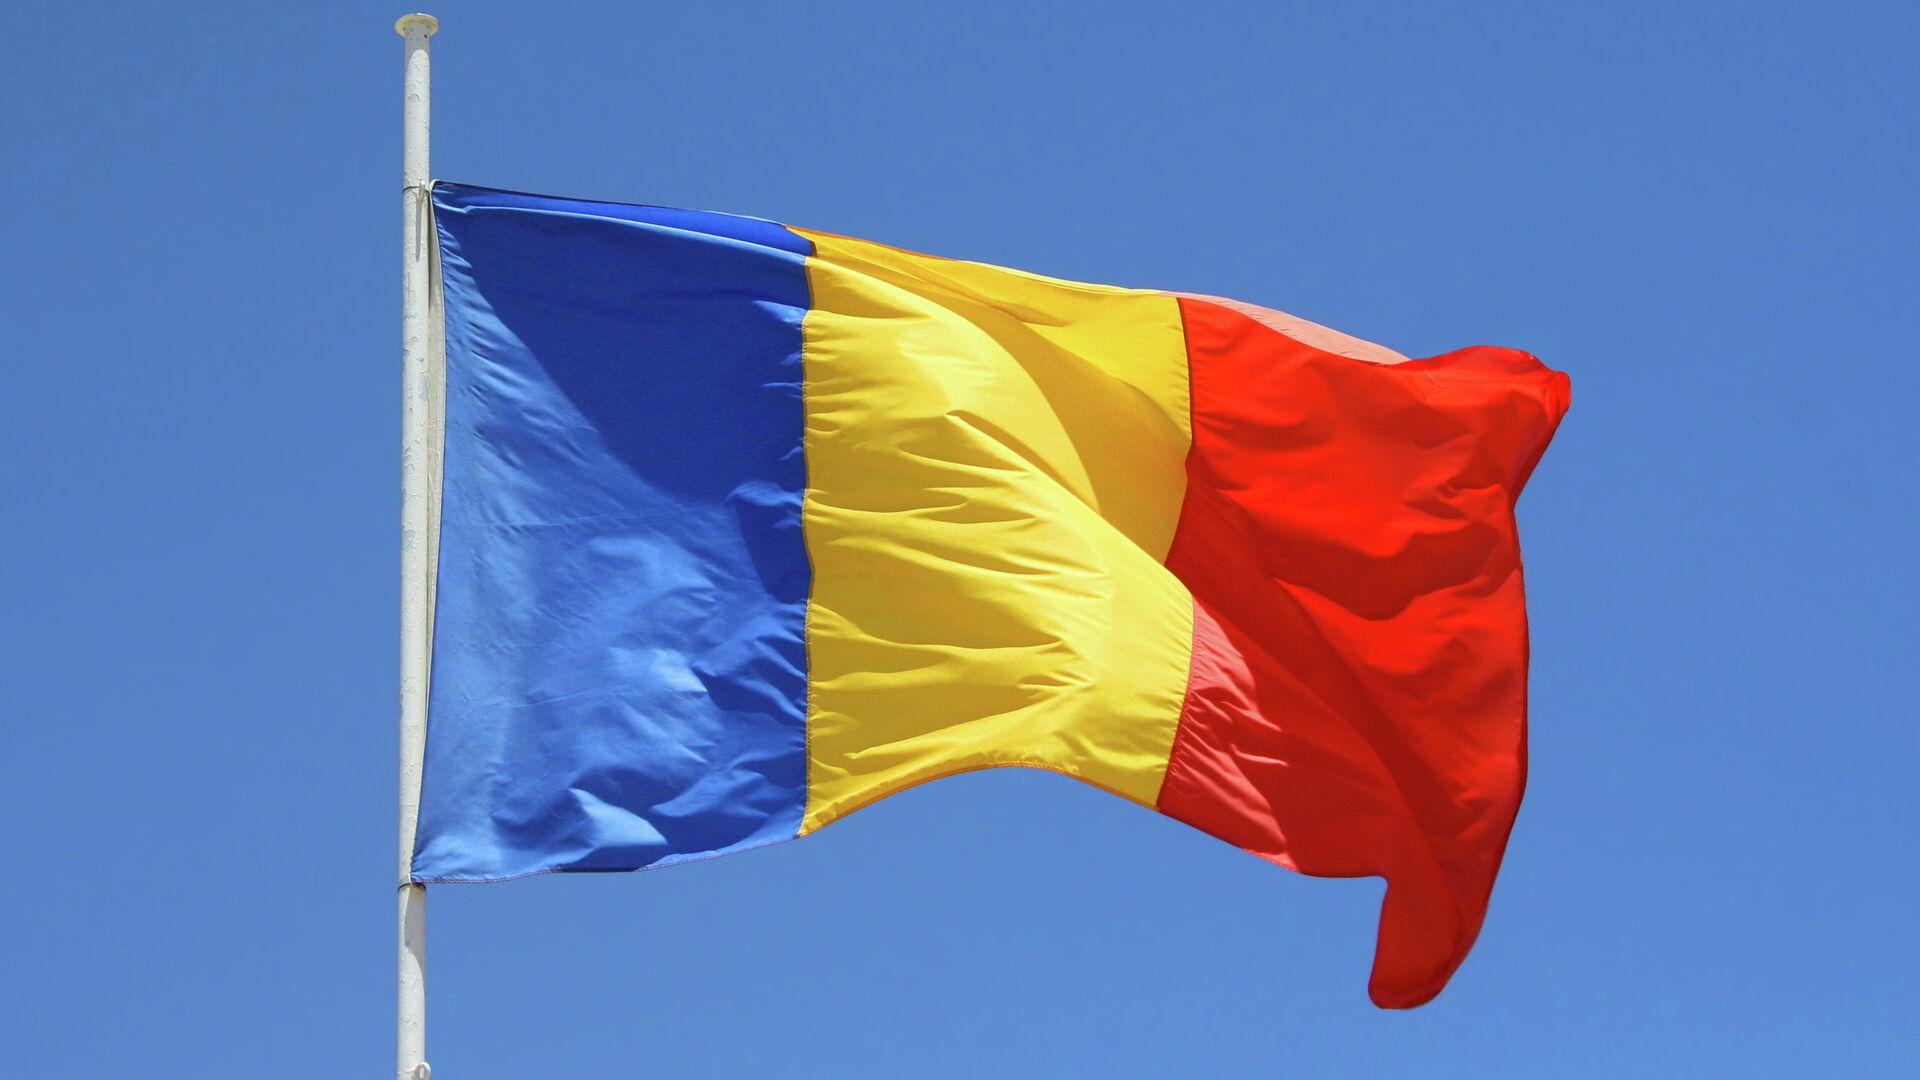 Флаг Румынии - РИА Новости, 1920, 26.04.2021